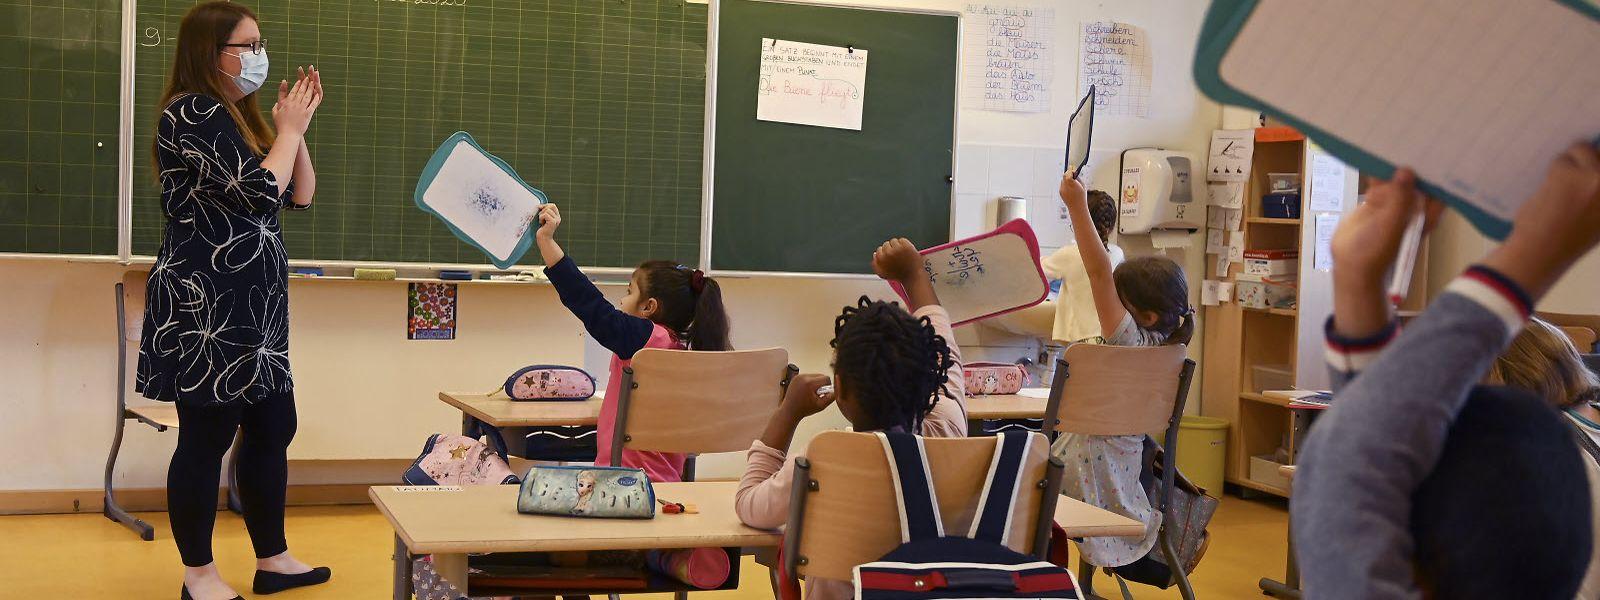 Aux yeux de la CGFP, la décision tardive du gouvernement «met en danger la santé des jeunes travailleurs», notamment les enseignants et les policiers.